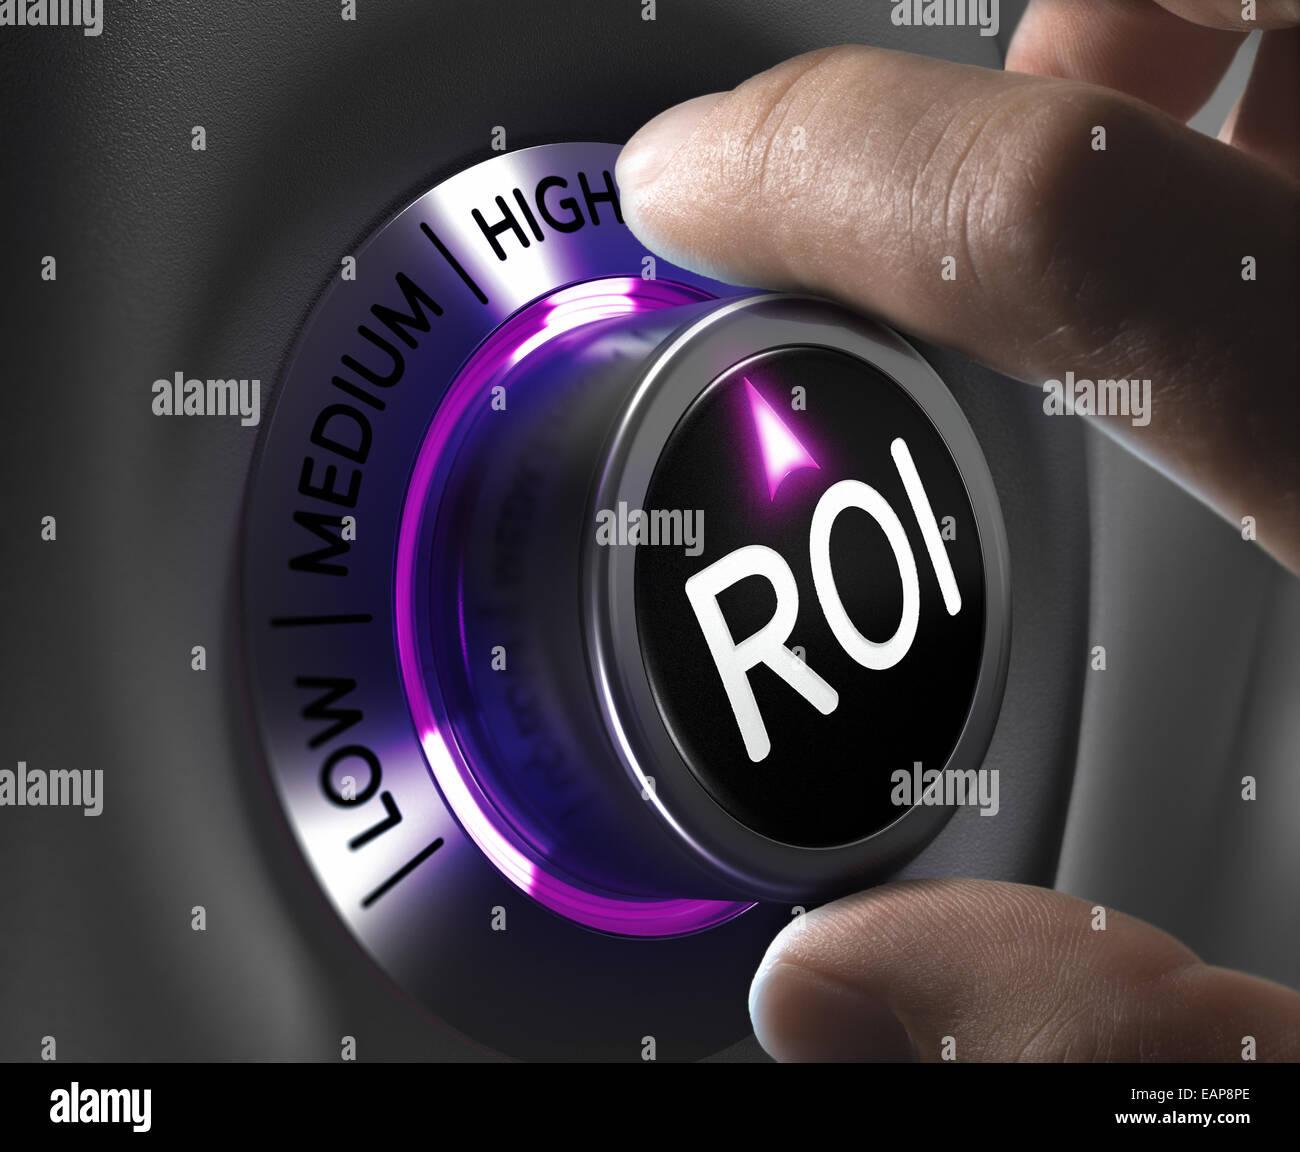 Retorno de la Inversión, el concepto de ROI, dos dedos girando el botón en la posición más alta. Imagen De Stock